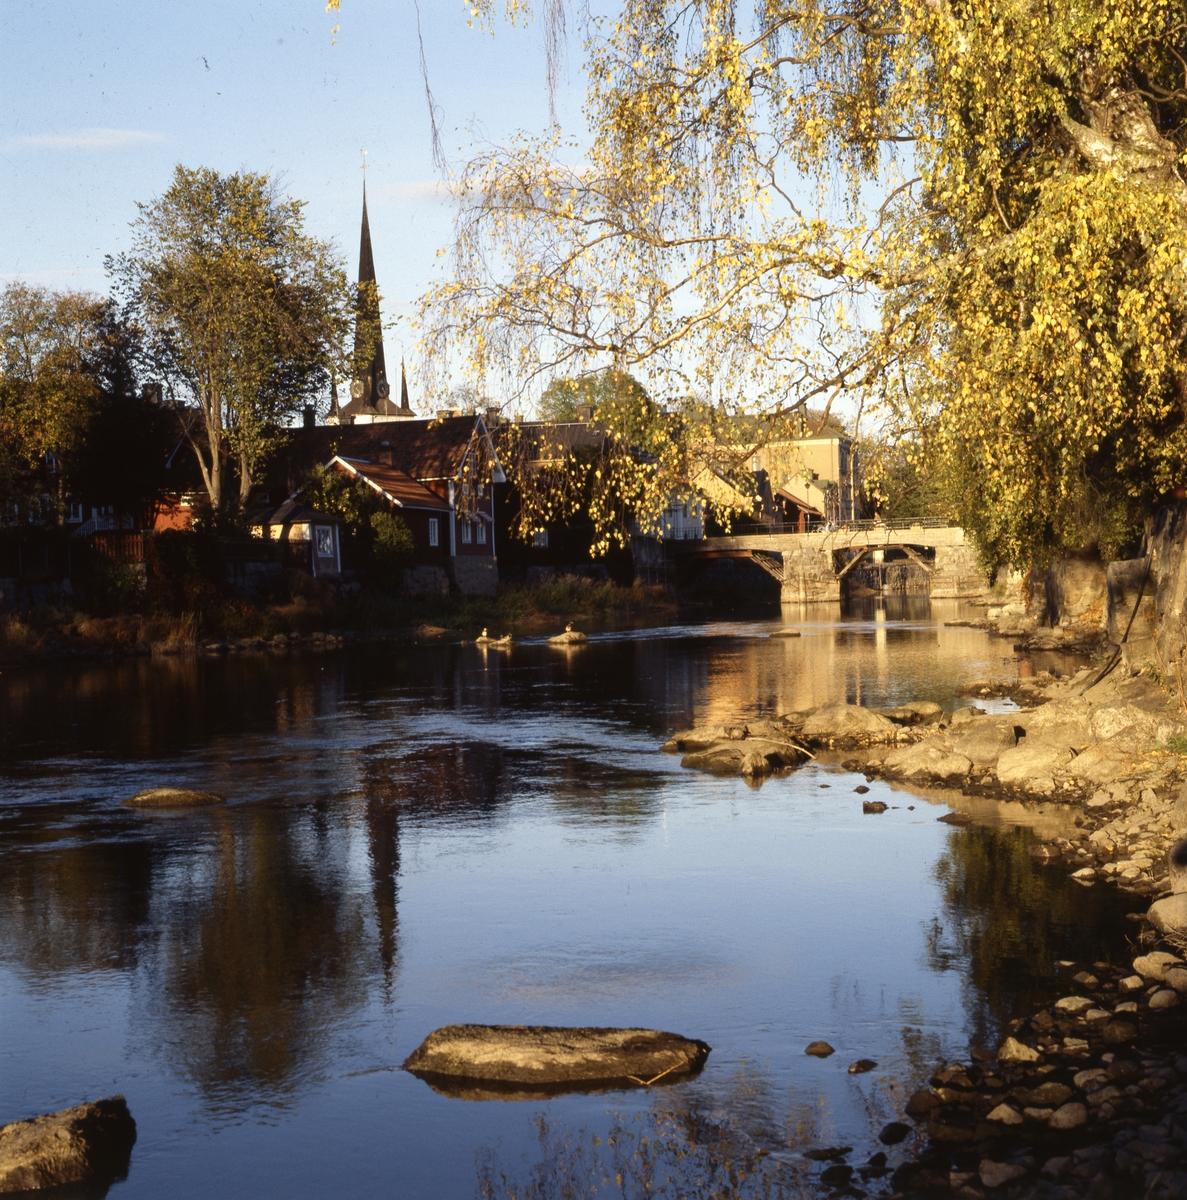 Vy mot Kapellbron och Heliga Trefaldighetskyrkan. Lågt vatten i Arbogaån. Kvällssol på sommaren. Bilden är tagen från en brandgata från Storgatan (södra sidan om ån).